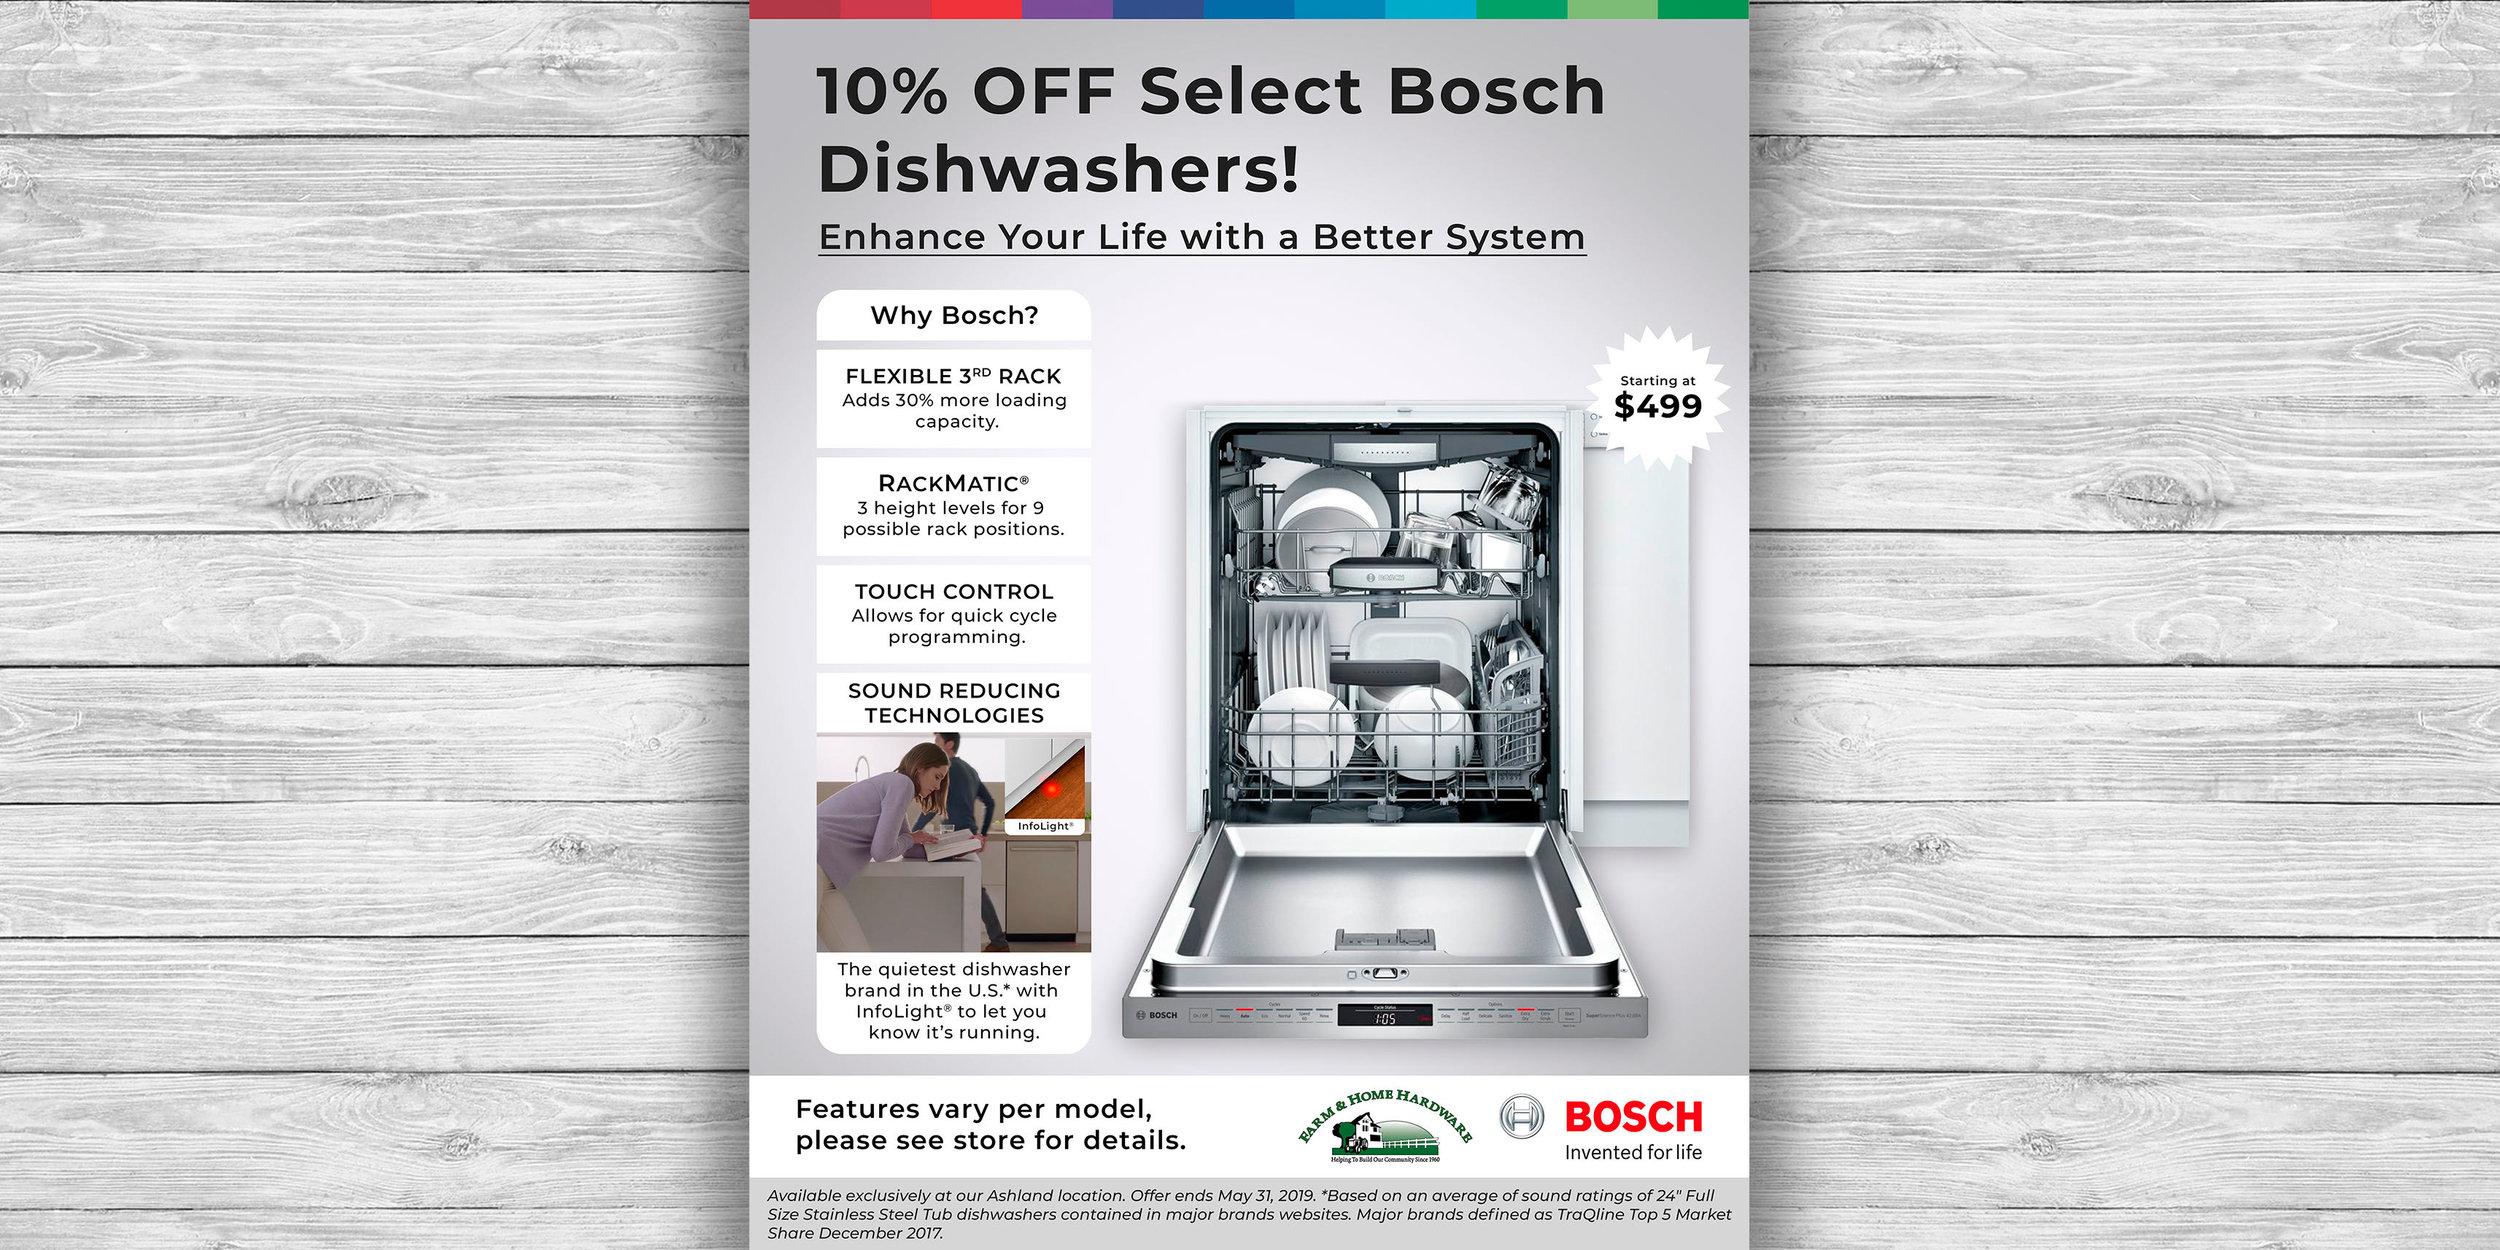 Bosch Dishwasher Website Ad.jpg